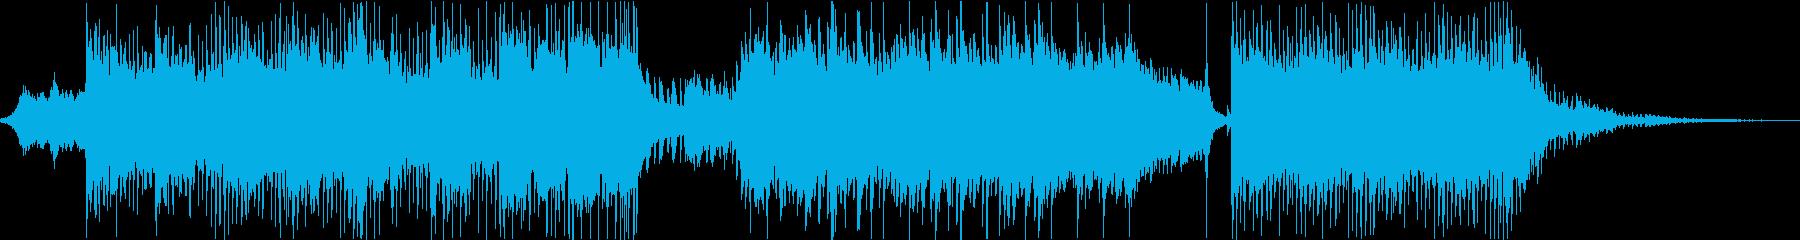 ちょっと怪しくて可愛いハロウィン楽曲の再生済みの波形